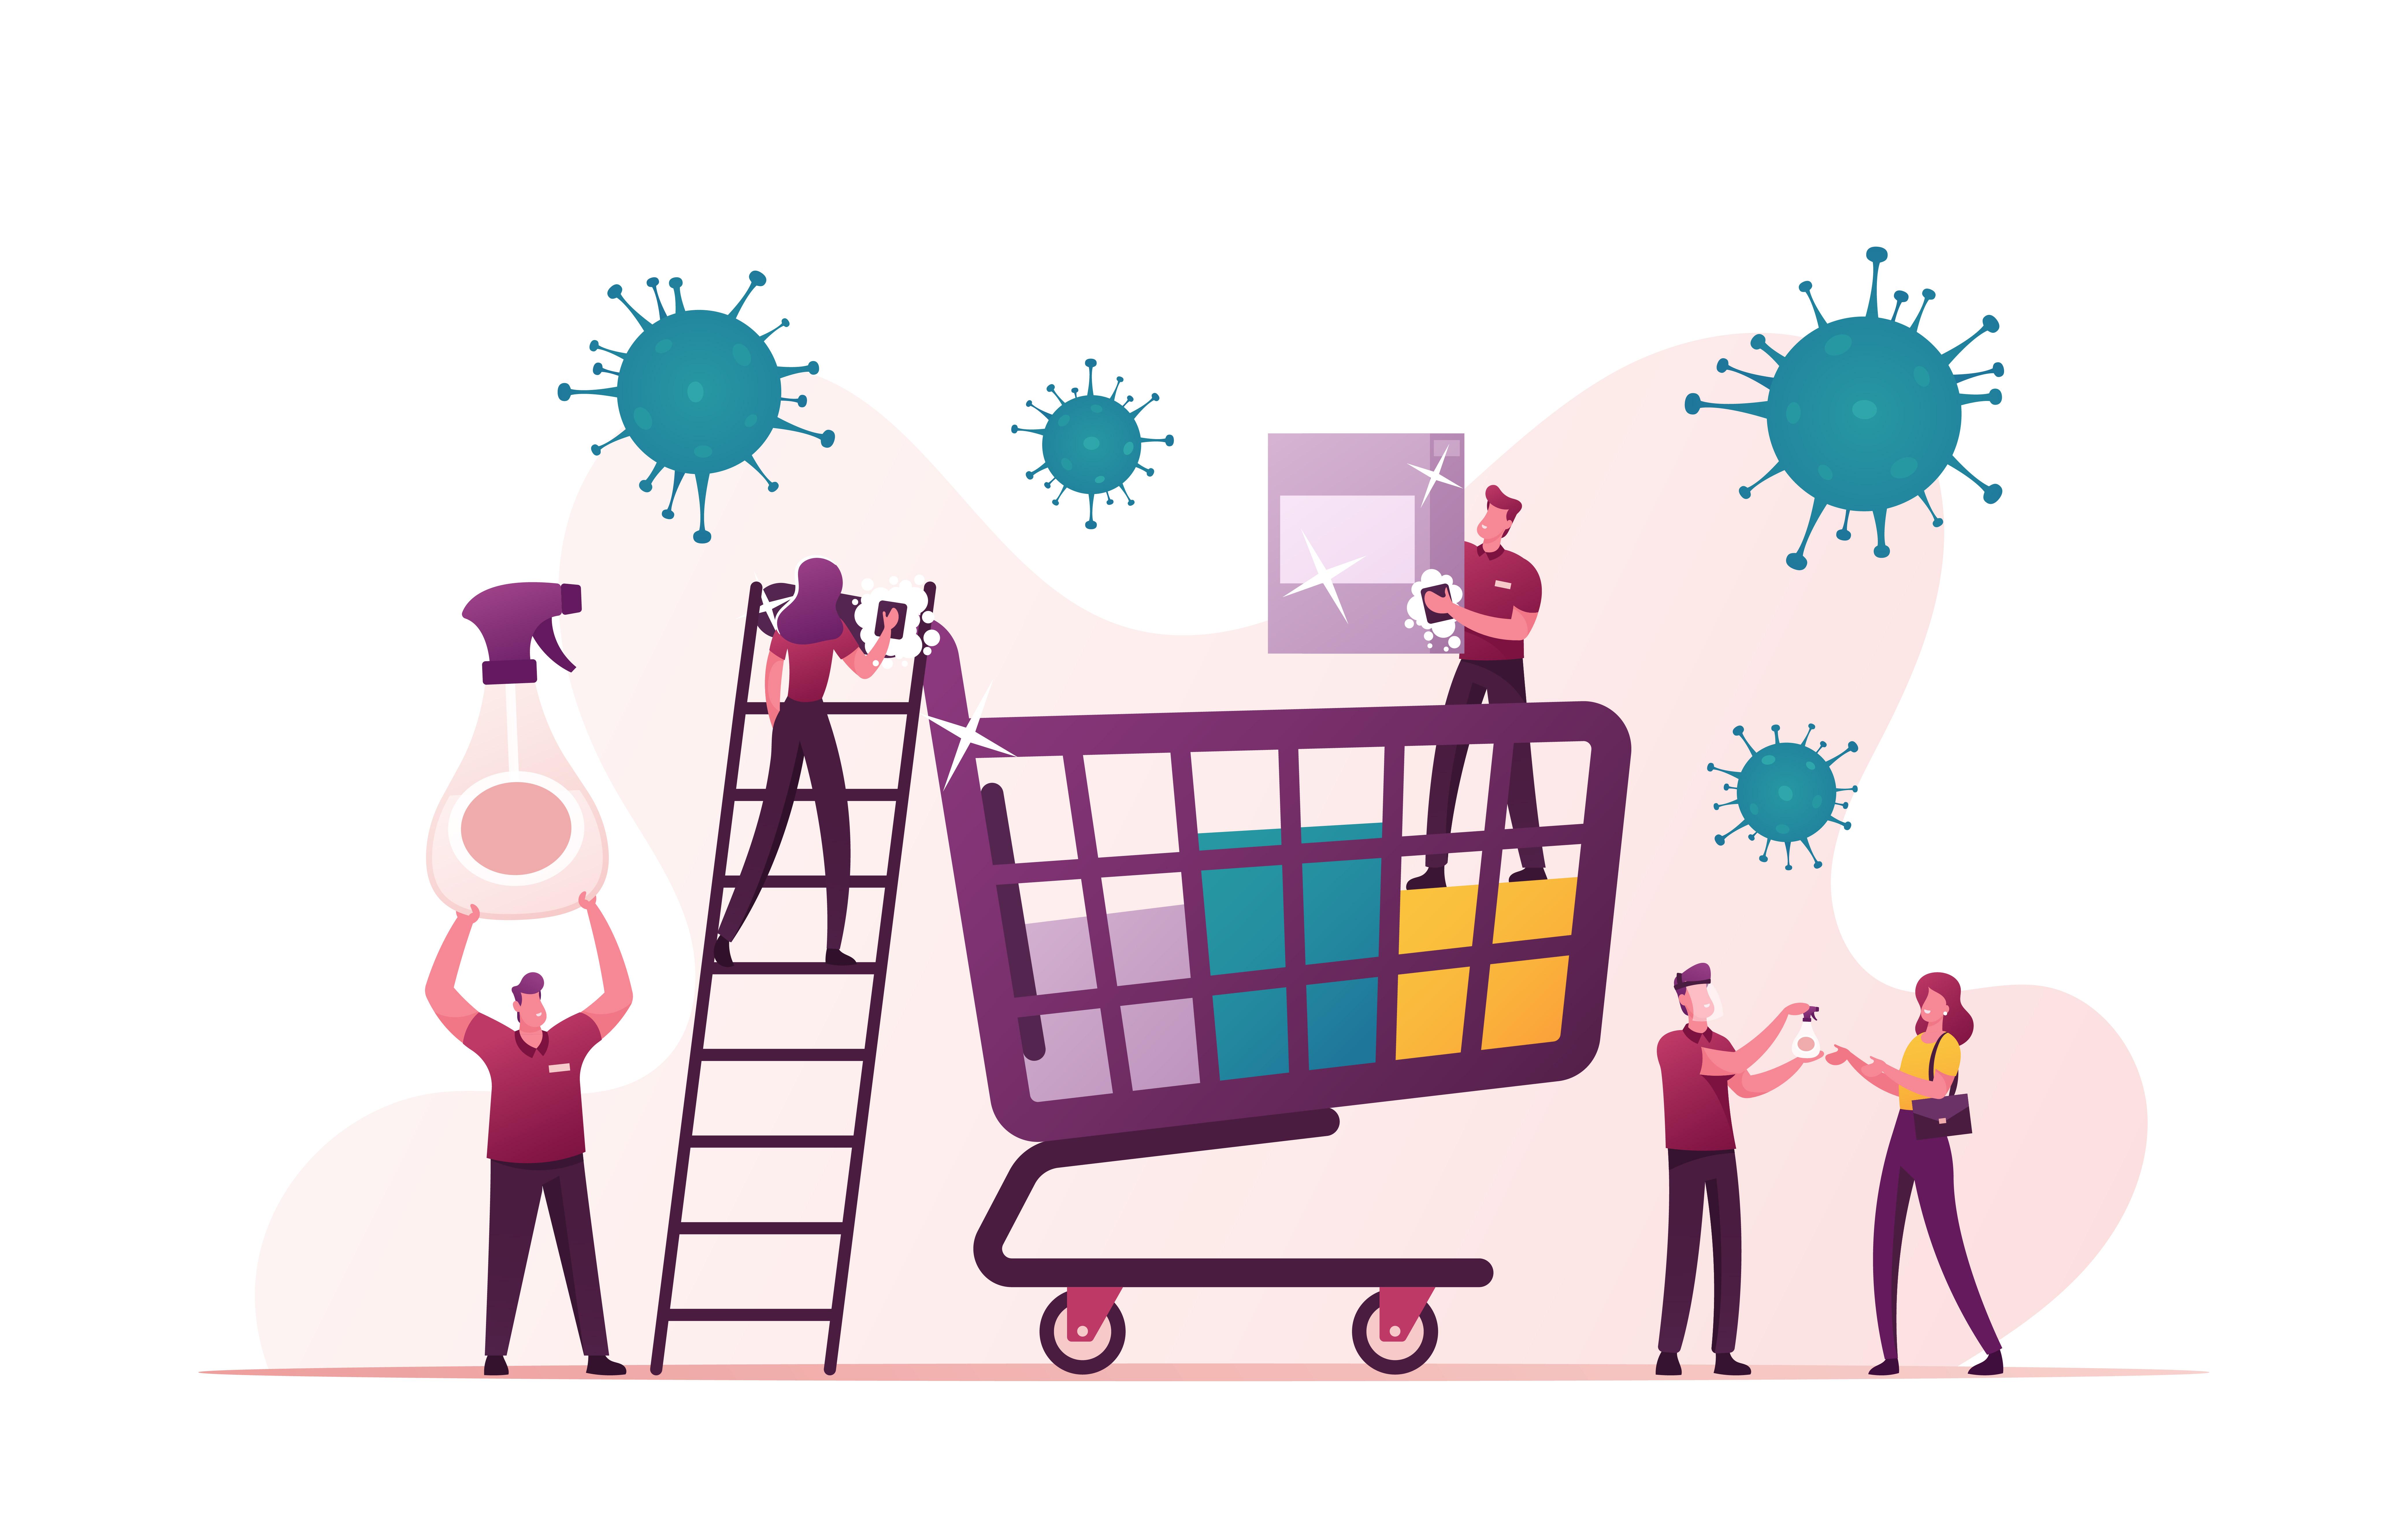 【中小企業のアフターコロナ#5】小売業界におけるアフターコロナの見通しのサムネイル画像